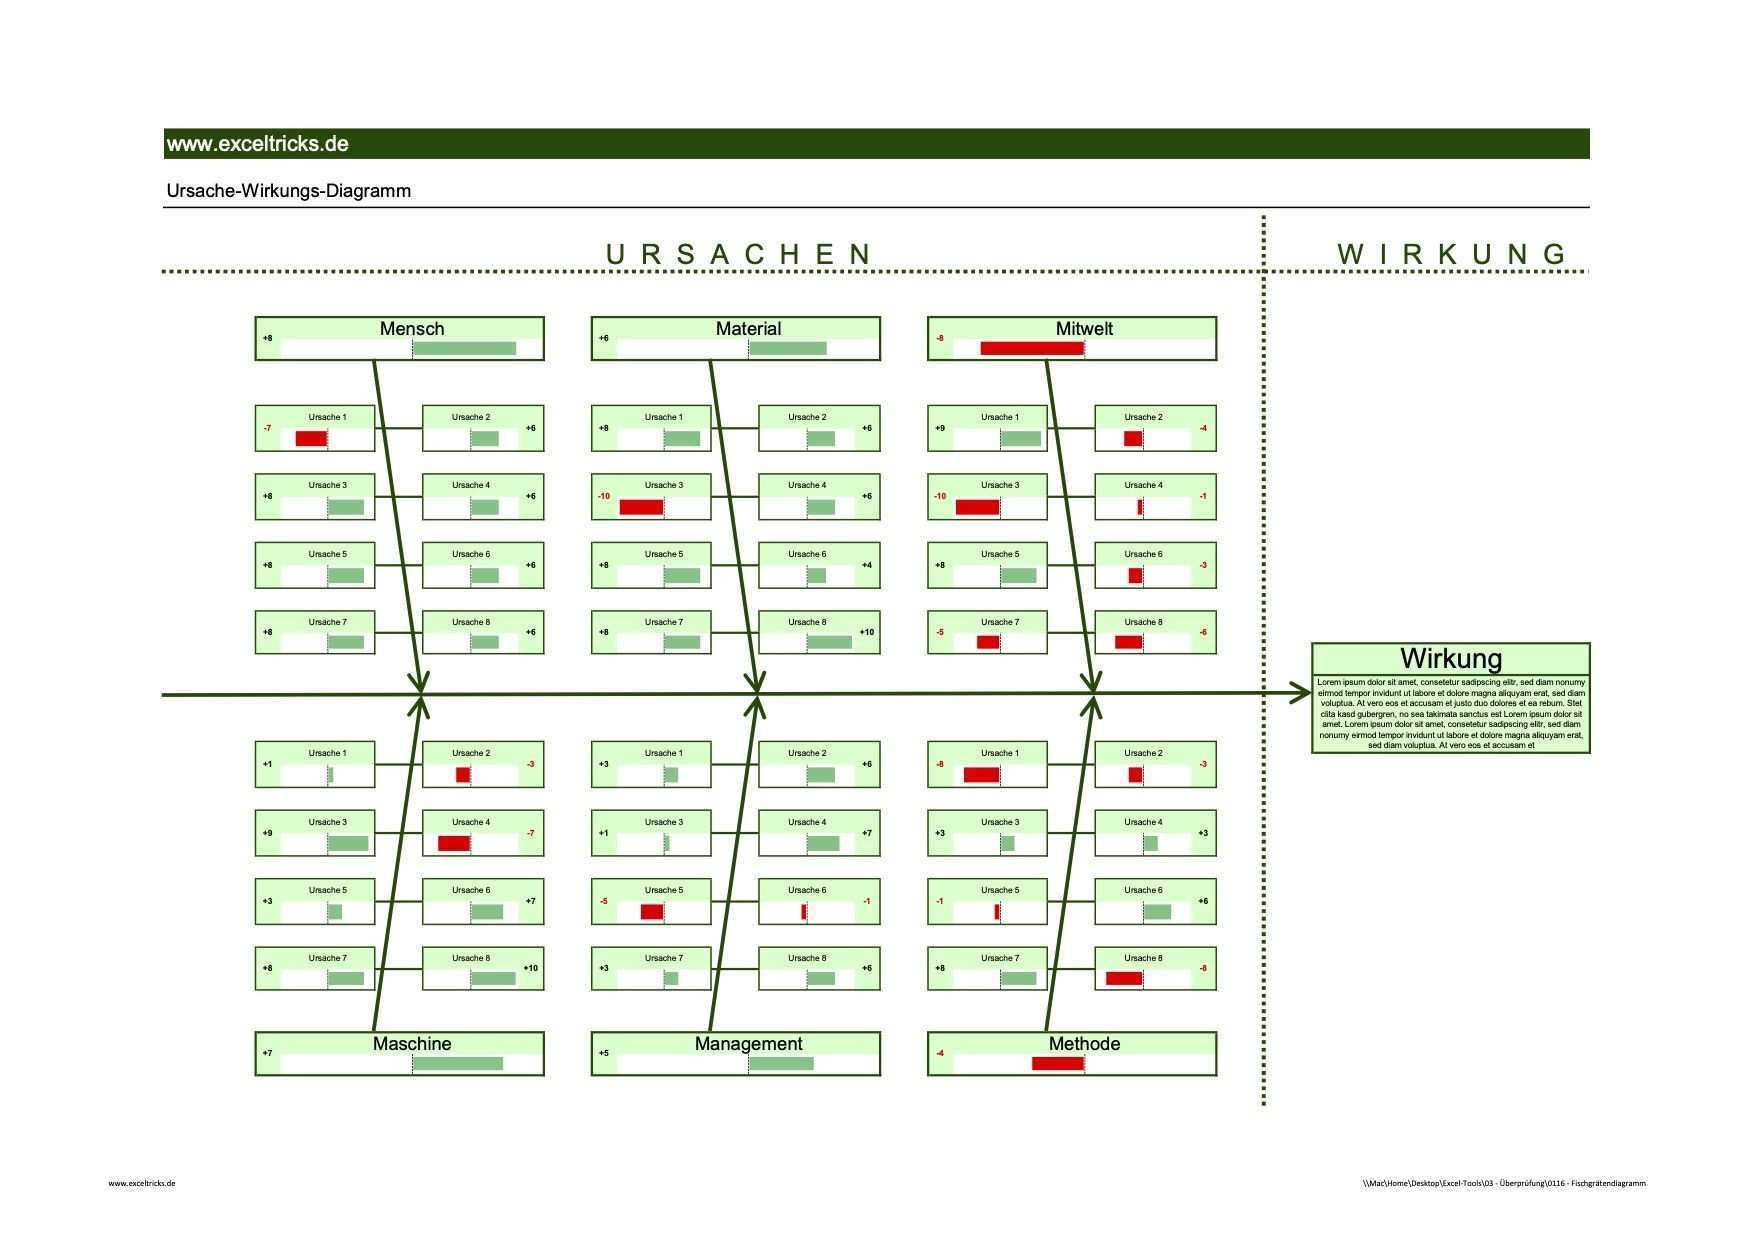 Mit Der Excel Vorlage Fischgratendiagramm Ishikawa Diagramm Ursachen Analysieren Exceltricks Diagramm Excel Vorlage Analysieren